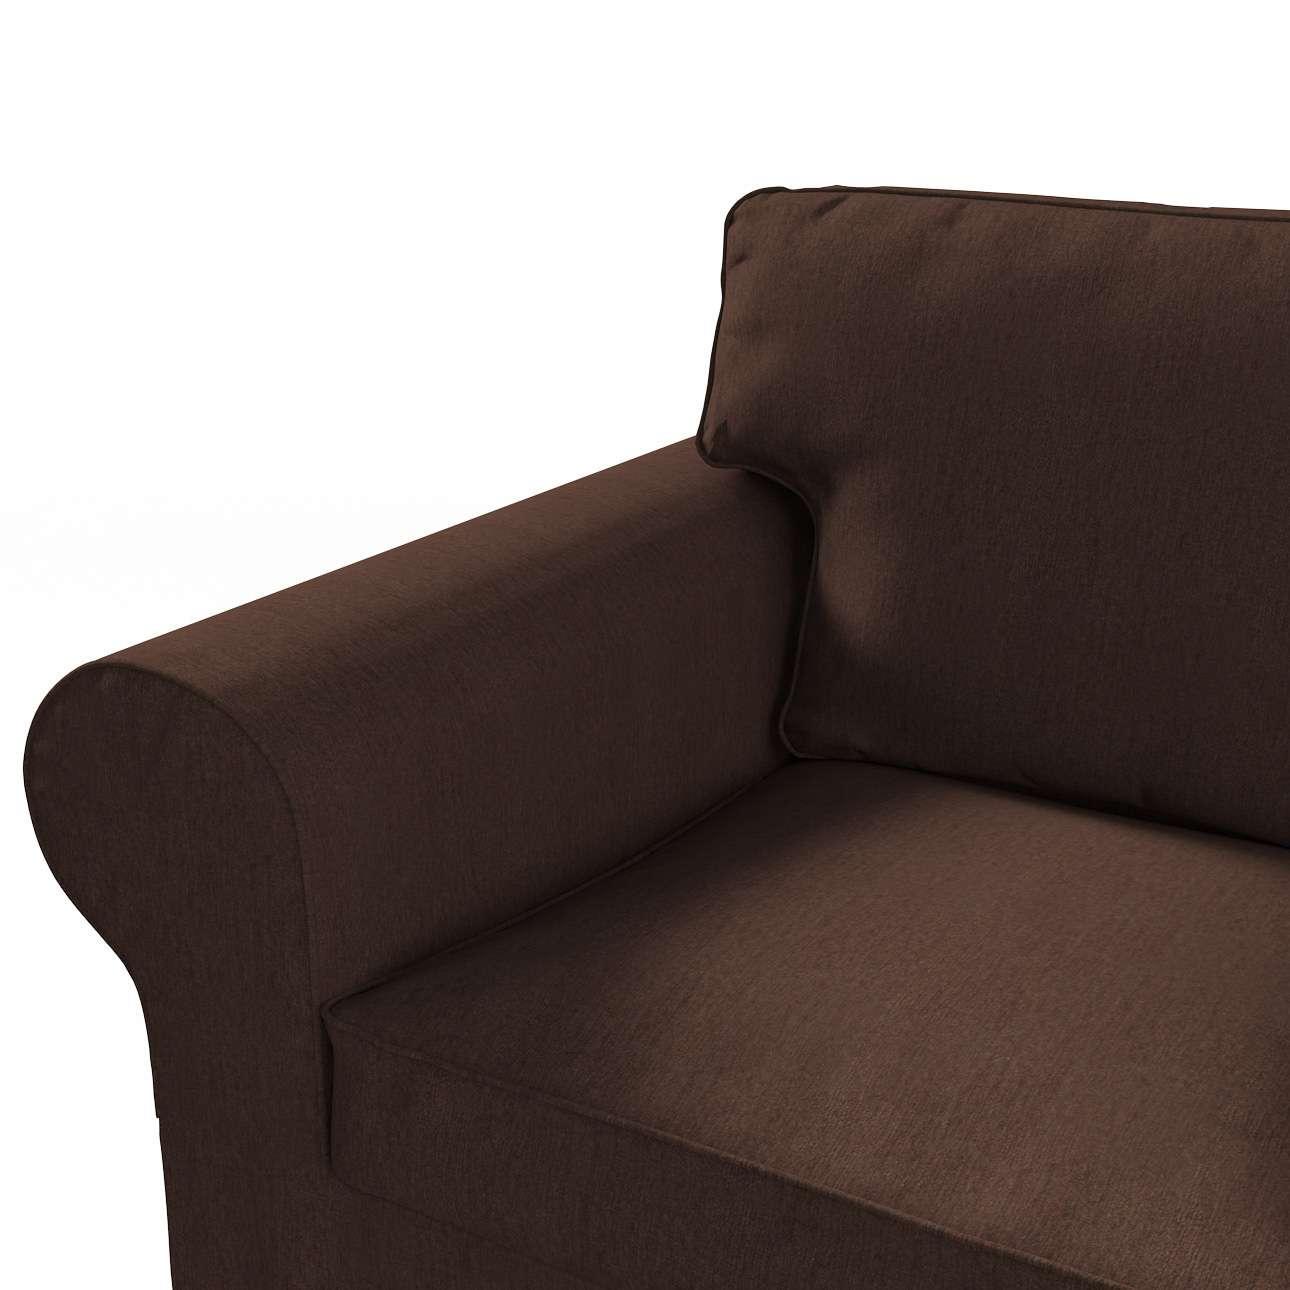 Ektorp 3-Sitzer Sofabezug nicht ausklappbar Sofabezug für  Ektorp 3-Sitzer nicht ausklappbar von der Kollektion Chenille , Stoff: 702-18